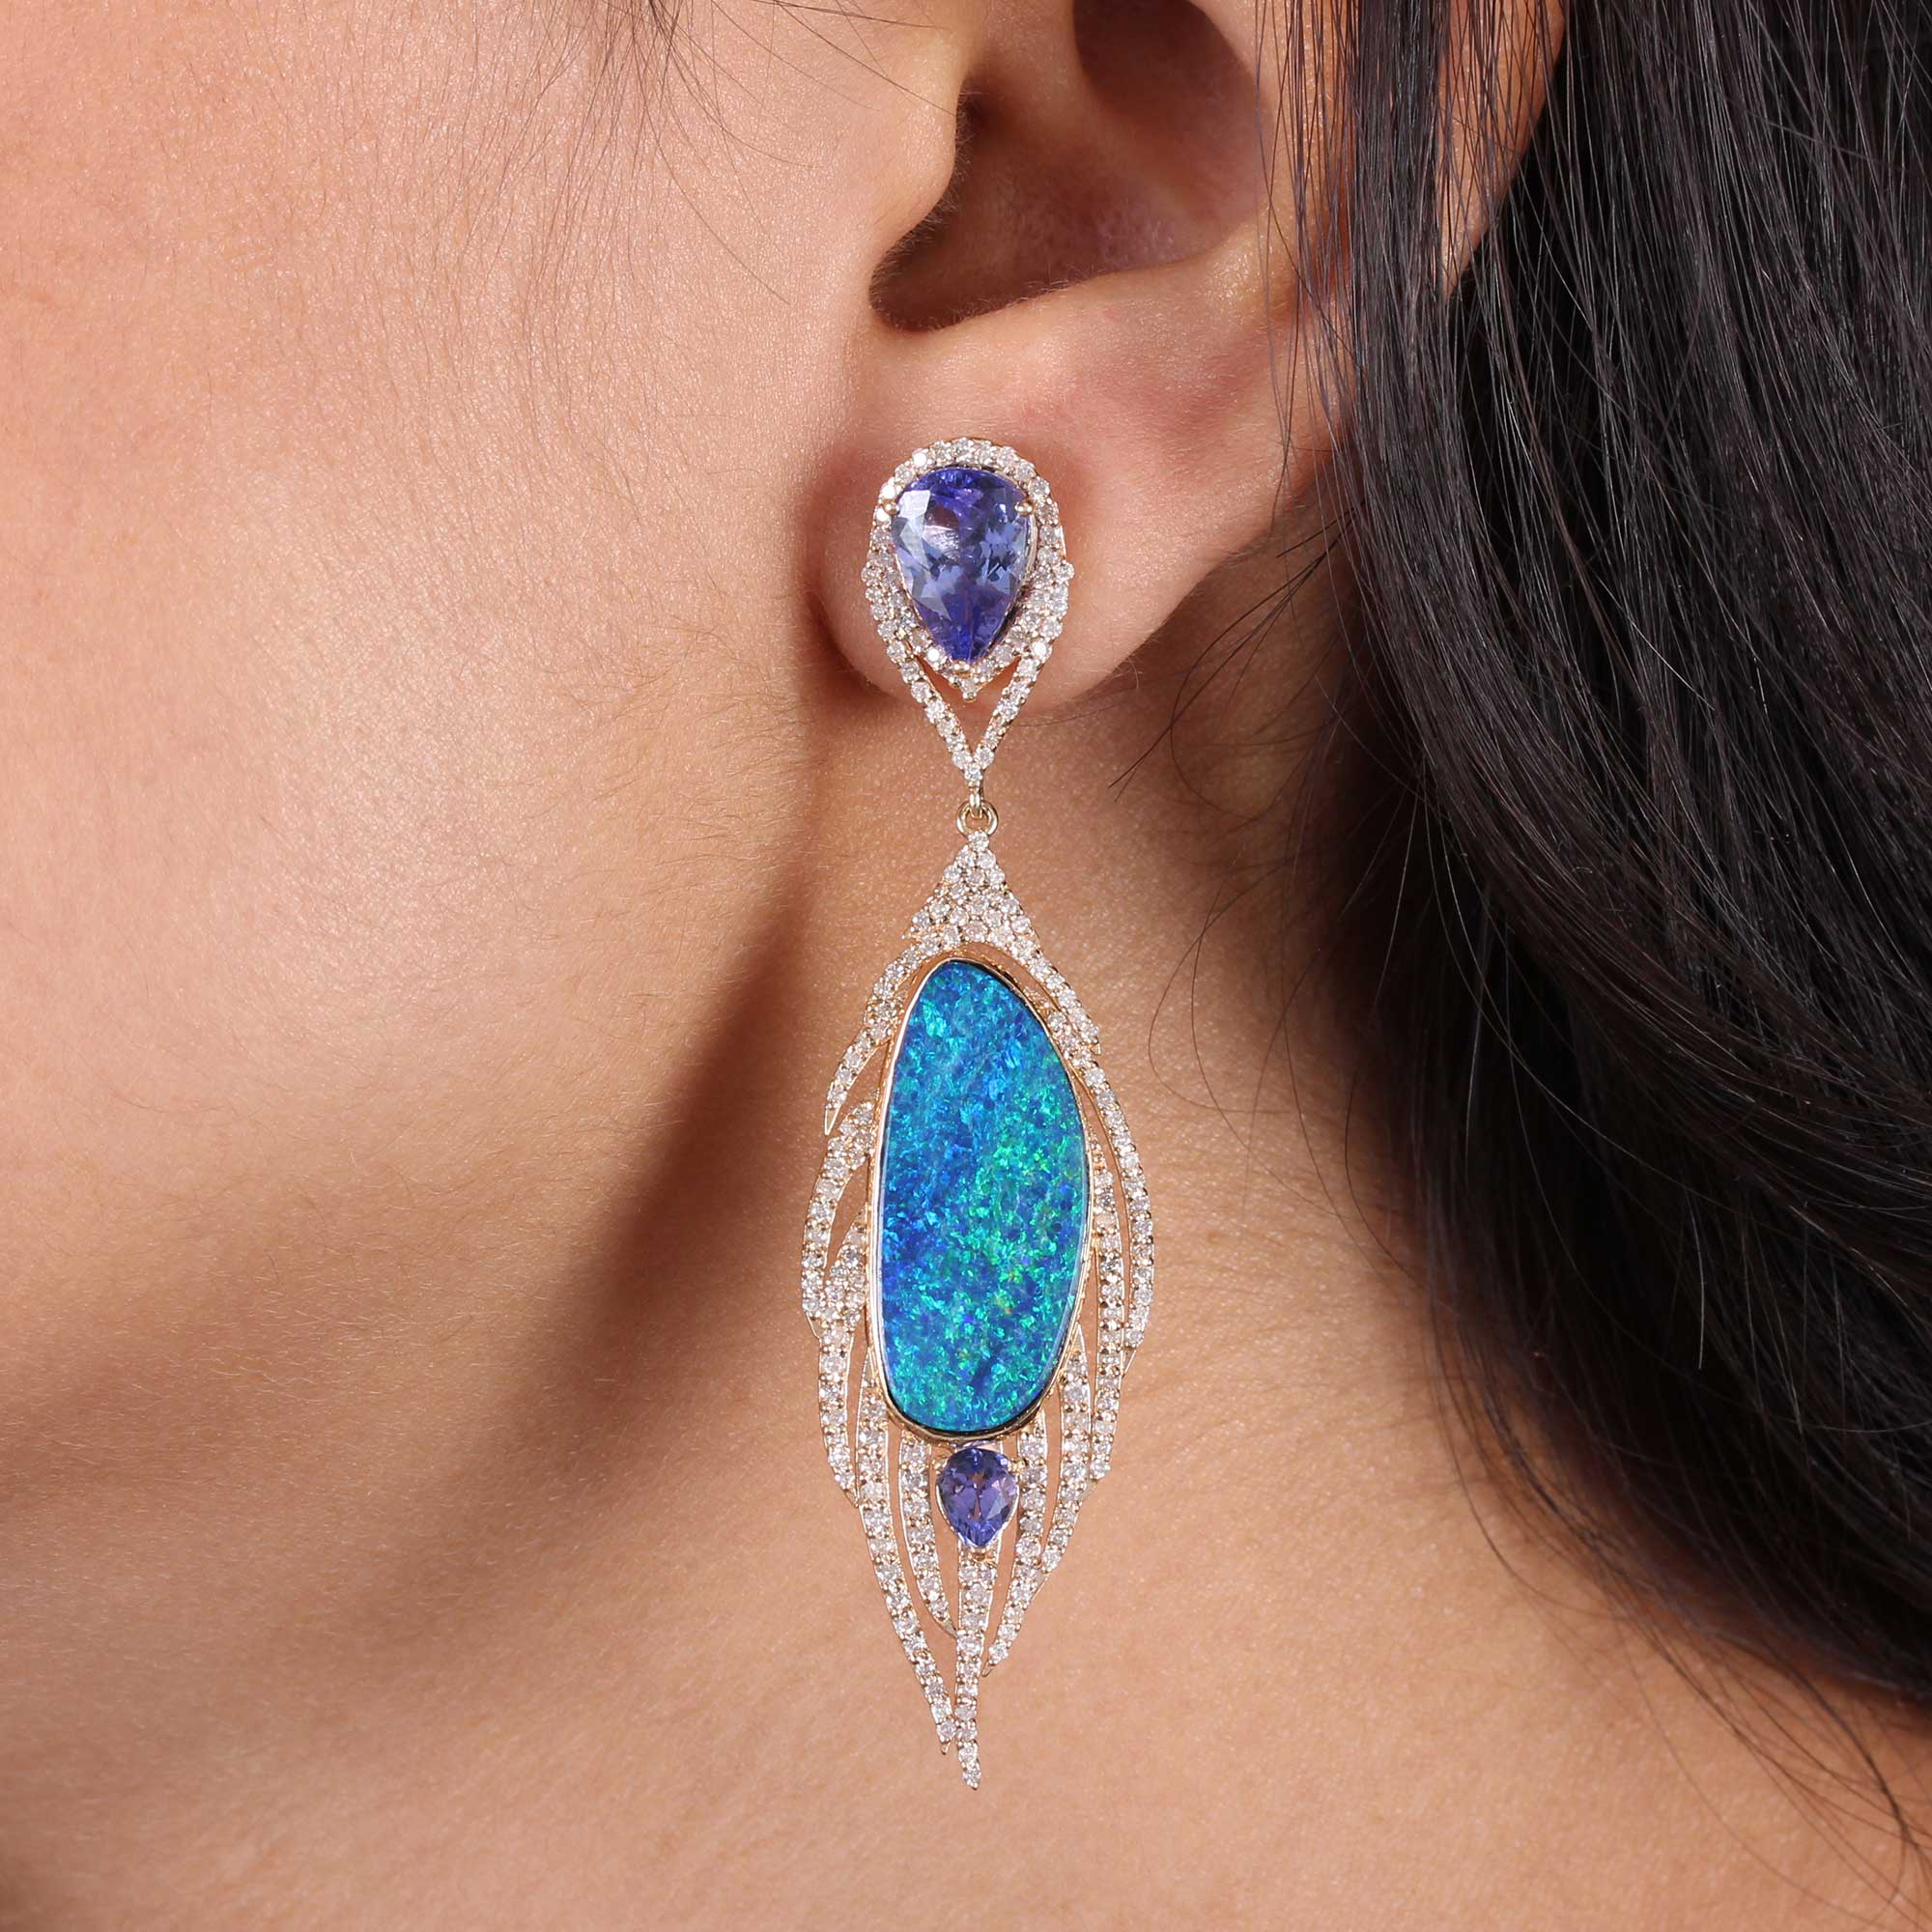 Opal Tanzanite Pave Diamond Dangle Earrings 14k Solid Gold Fine Jewelry